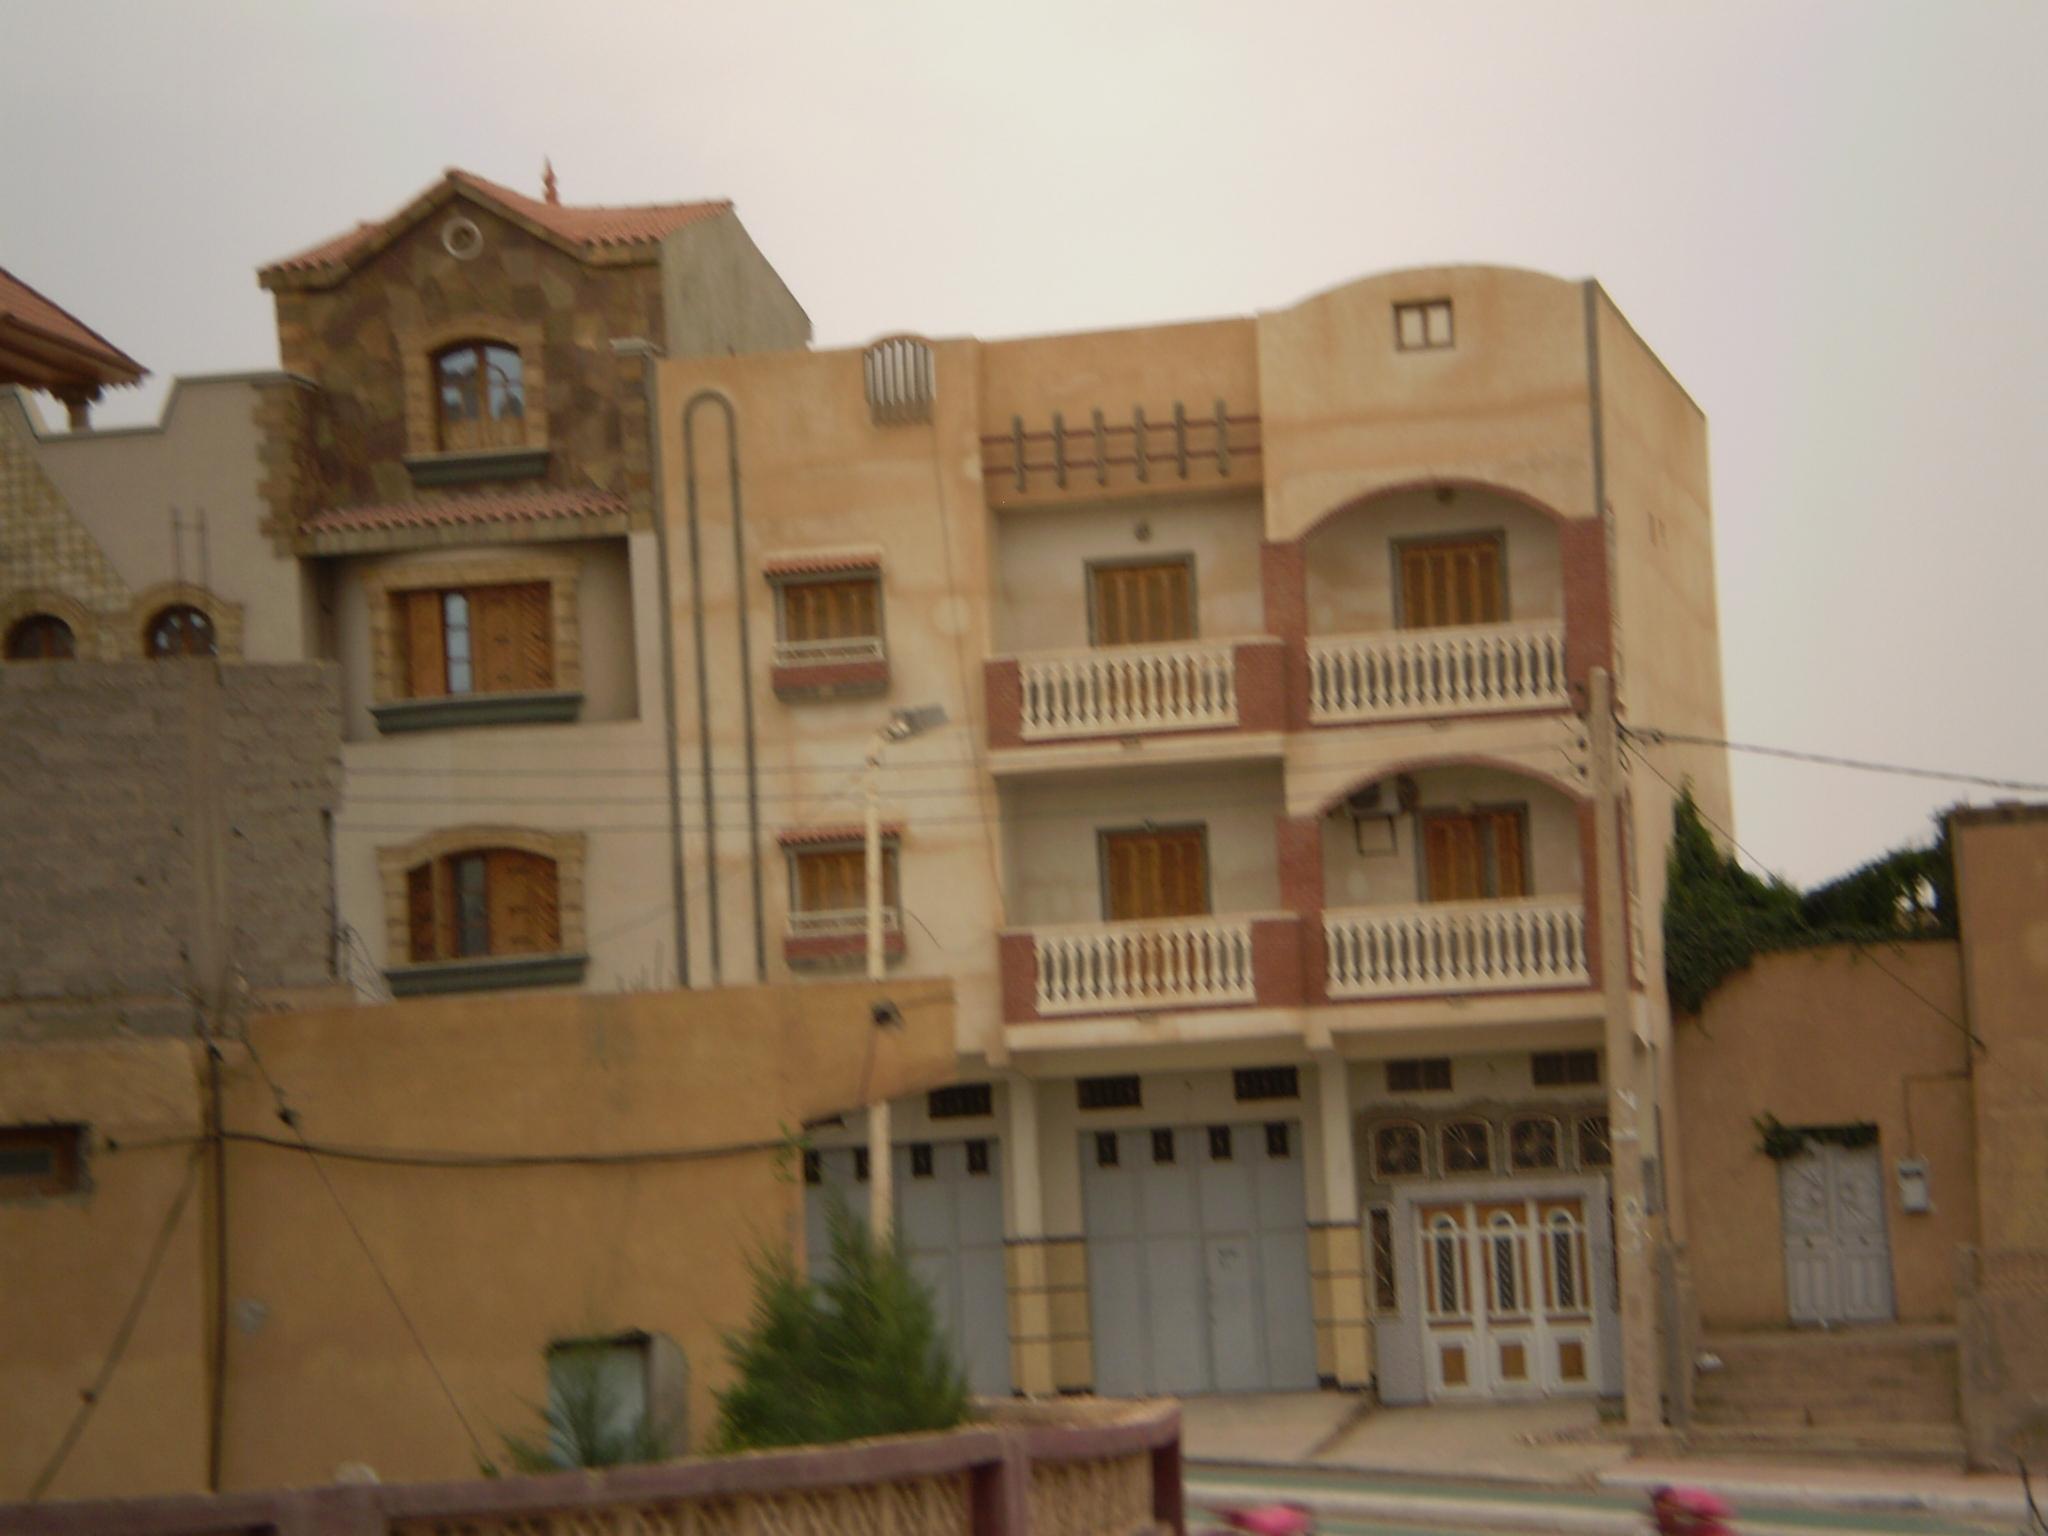 Les maisons en algerie segu maison for Achat de maison en algerie